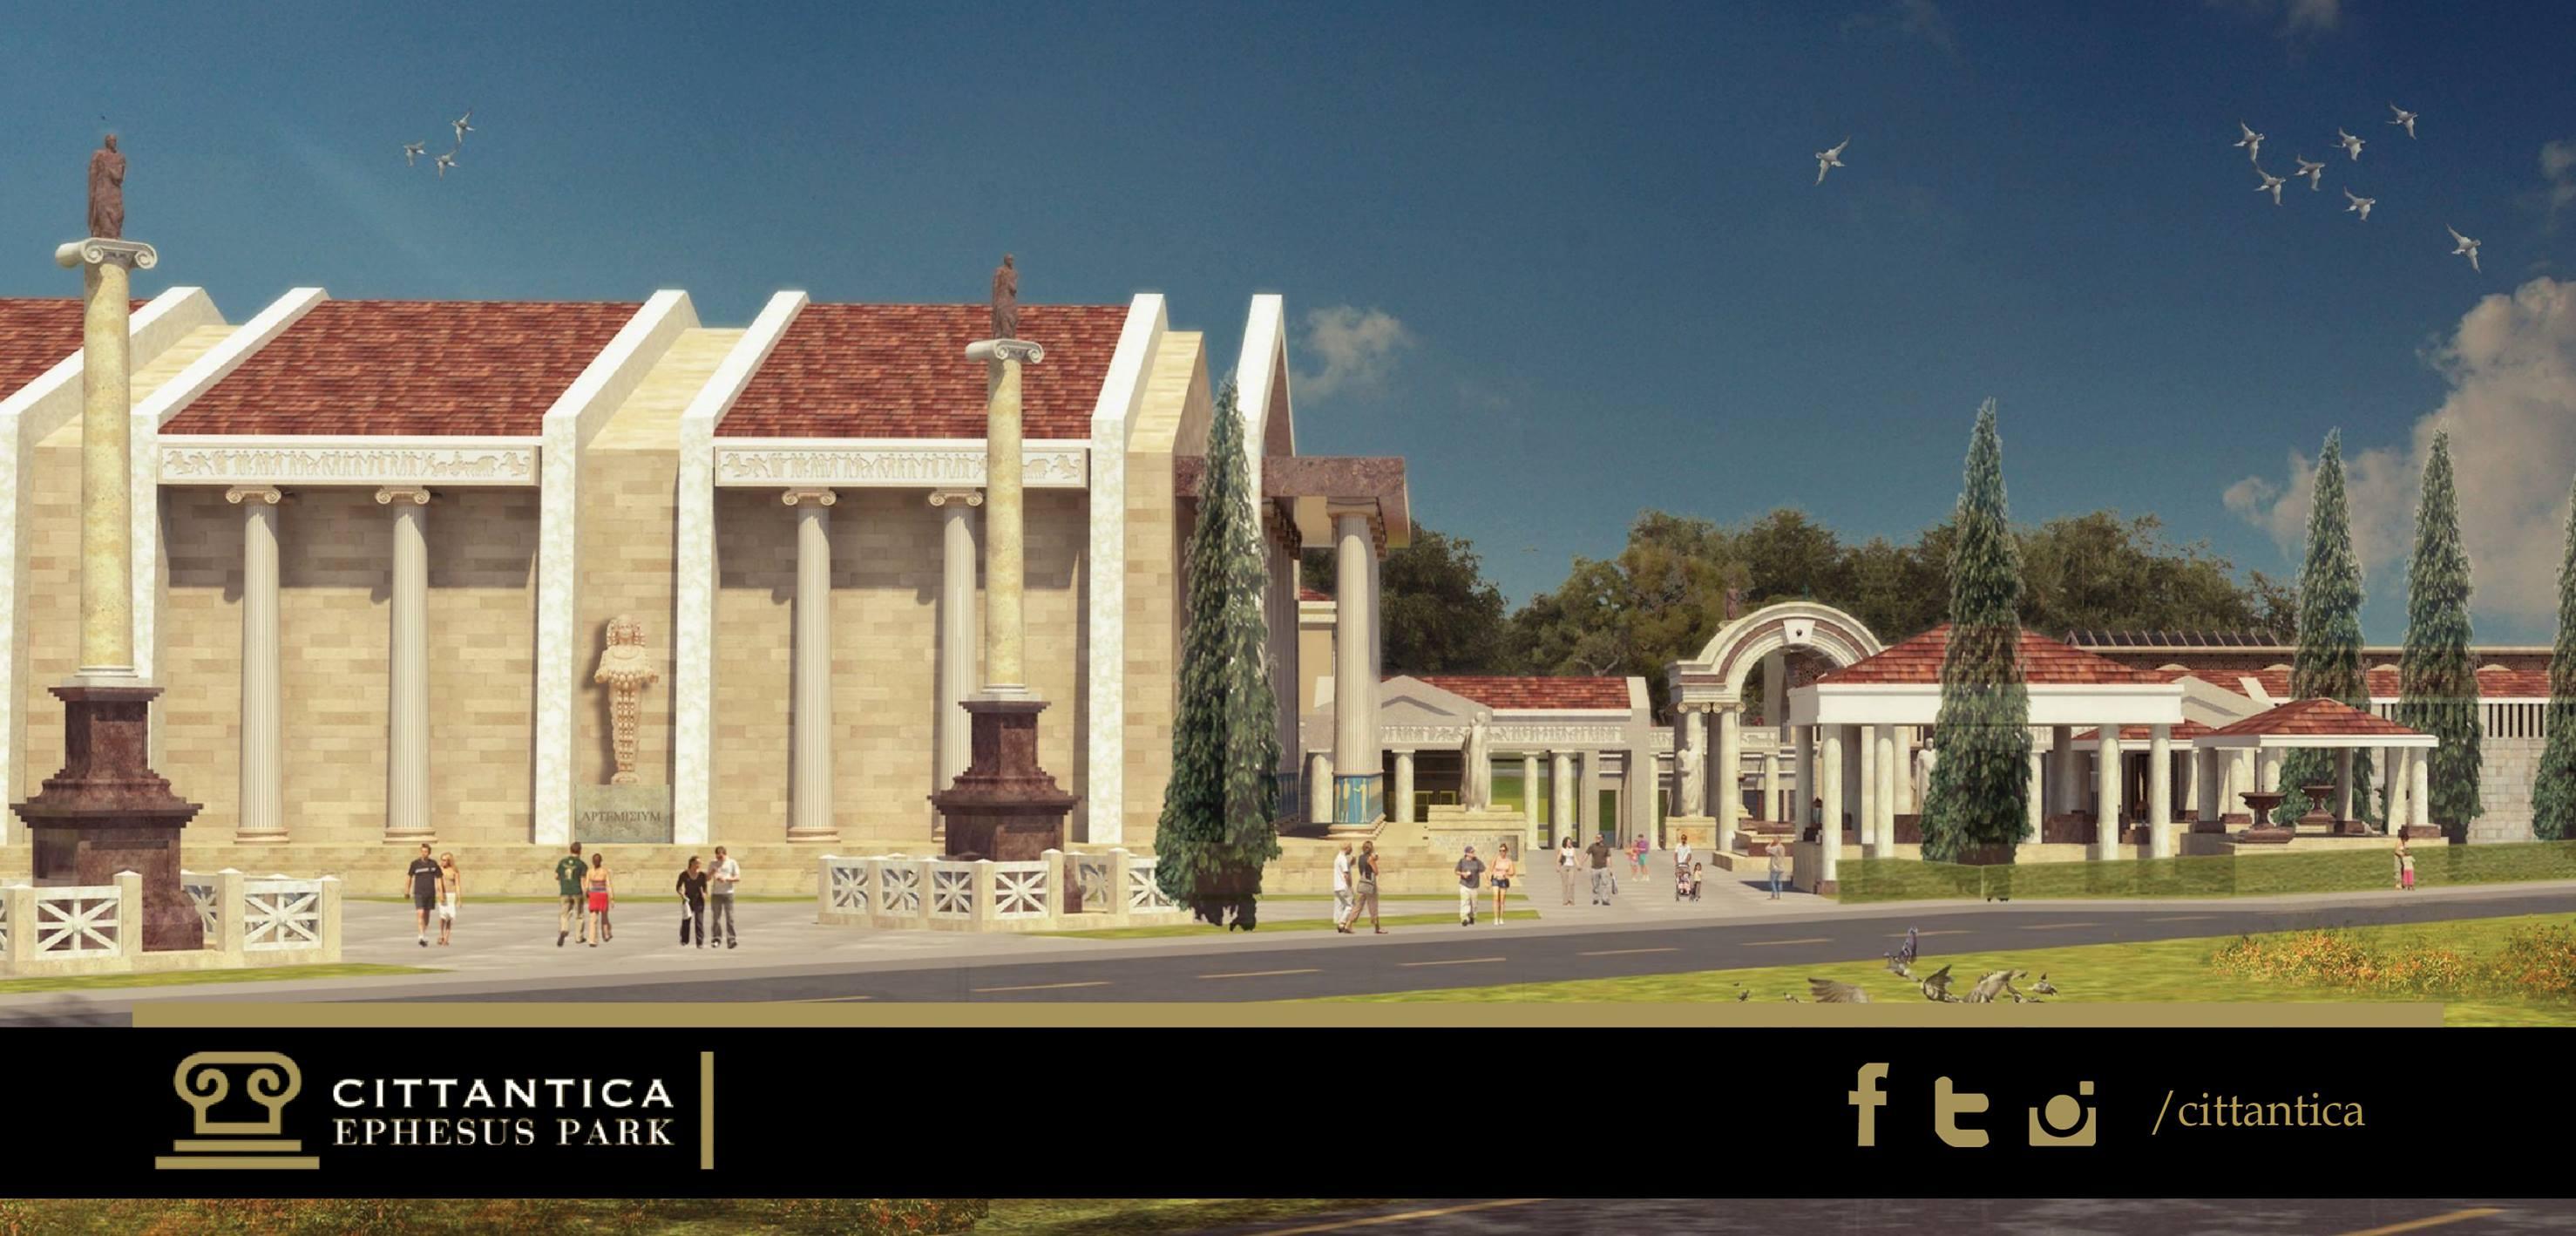 Cittantica-Ephesus-Park (14)